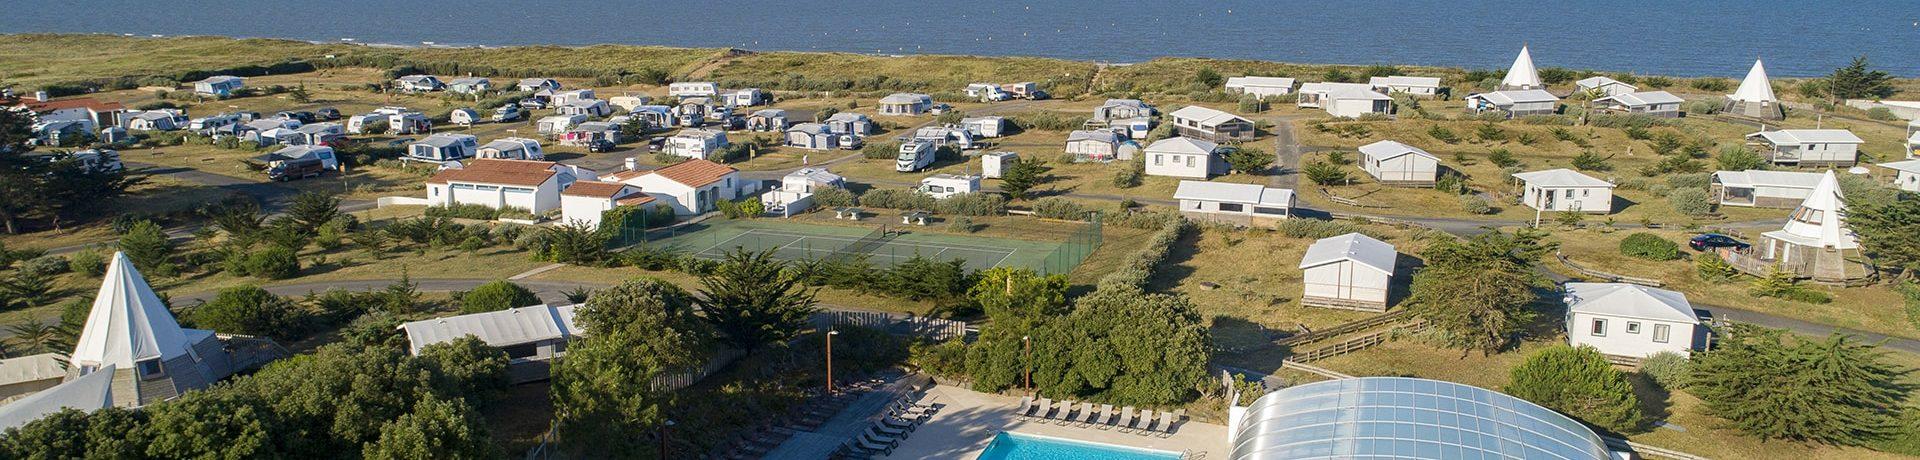 Domaine Le Midi is een milieuvriendelijke en luxe camping (glamping) met zwembad aan zee langs de Vendée kust op het einland Île Noirmoutier aan het strand.